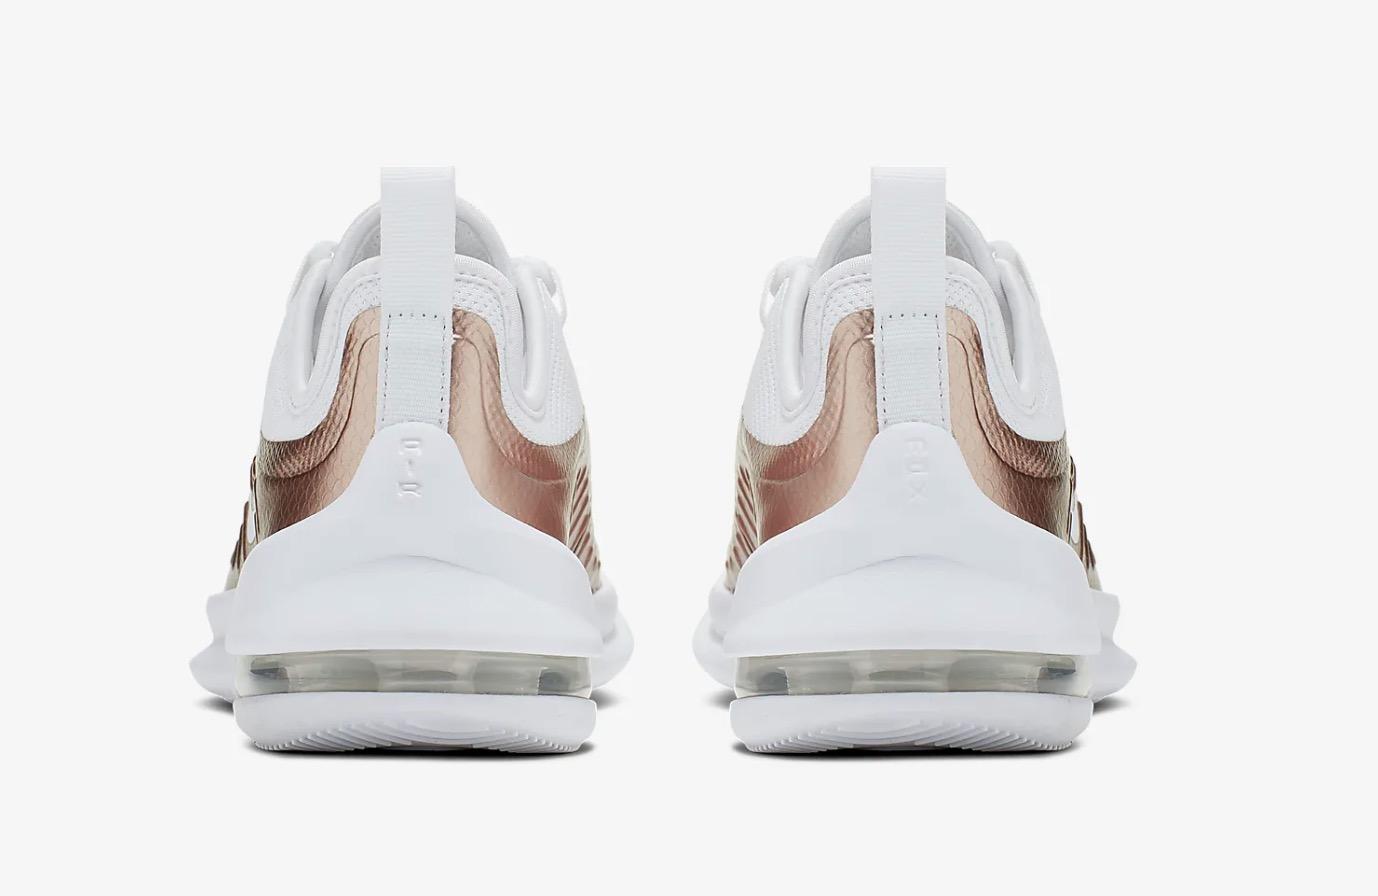 Nike Air Max Axis EP GS White Gold